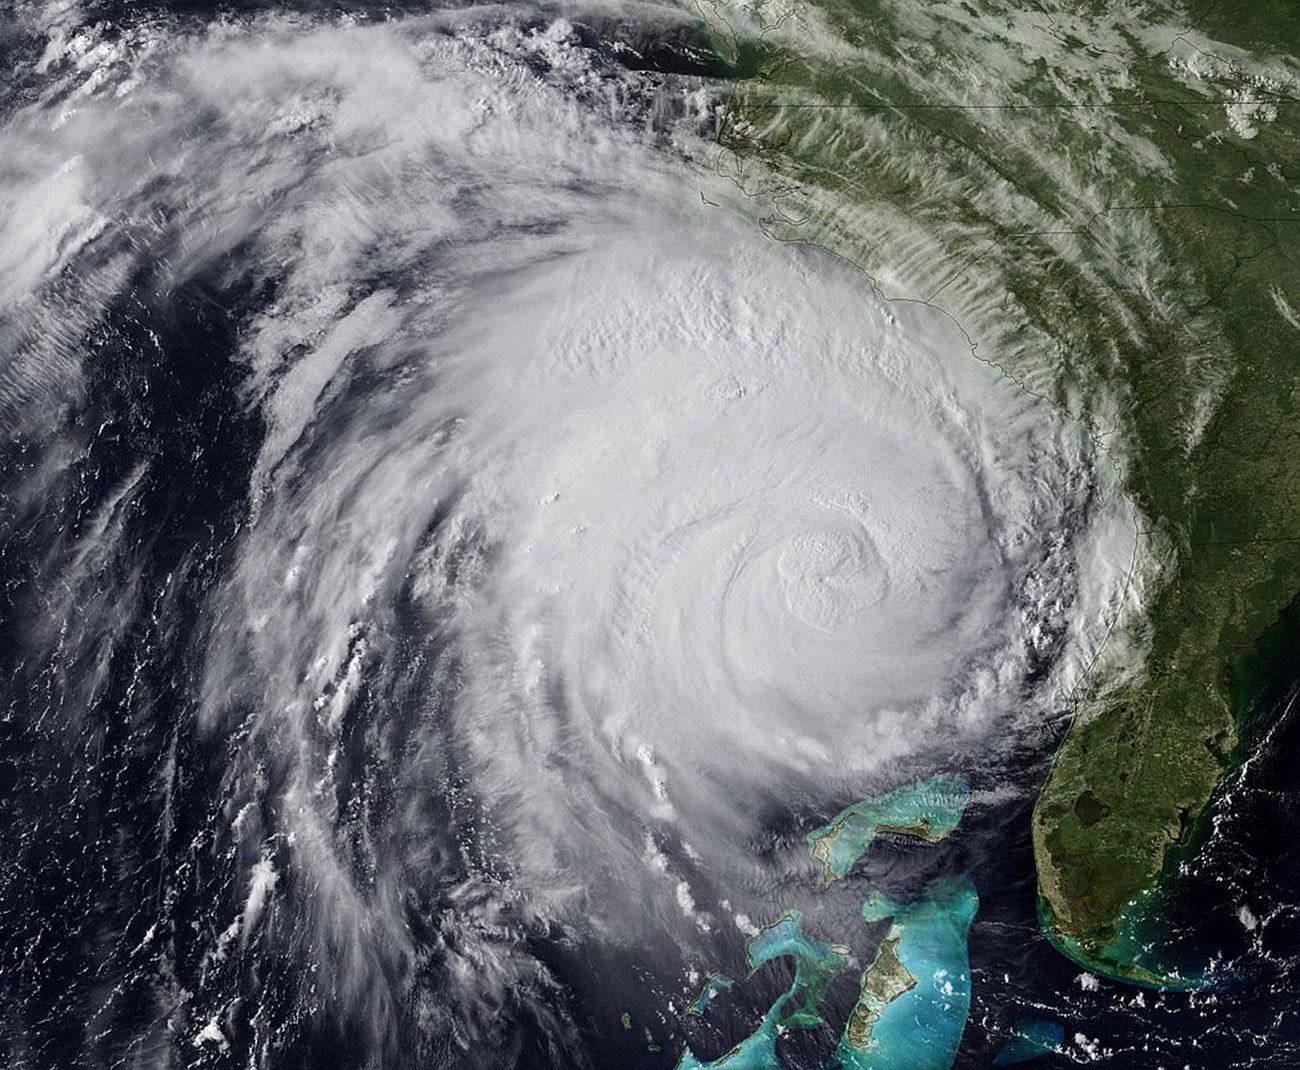 циклон из космоса